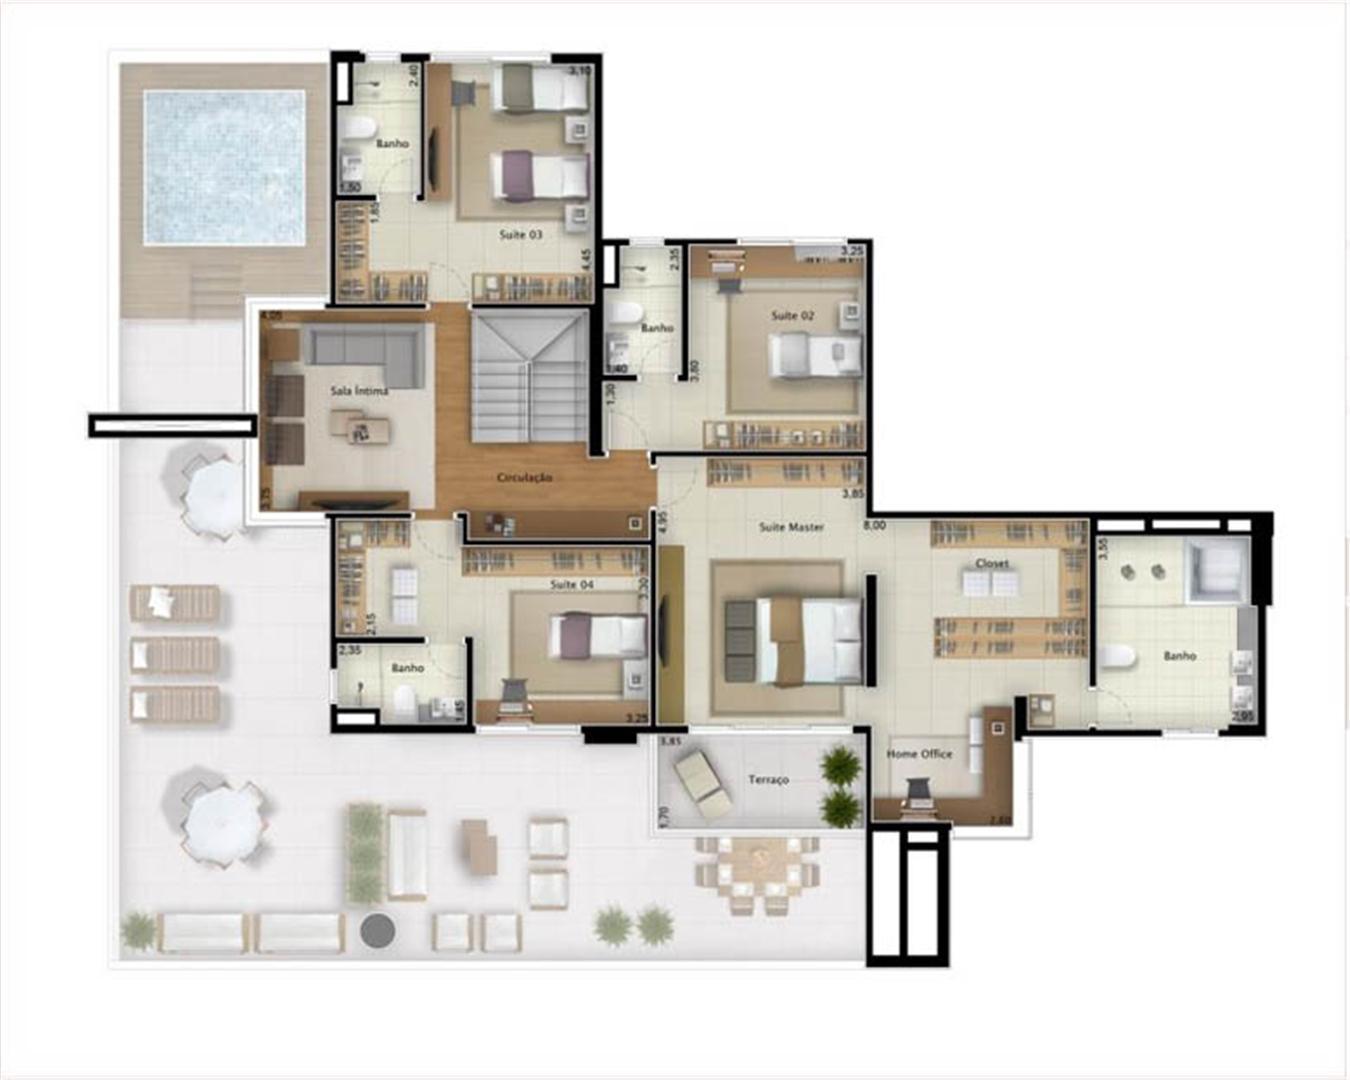 Cobertura Bay View 421 m² (pavimento superior) | Mirage Bay – Apartamento em  Umarizal  - Belém - Pará